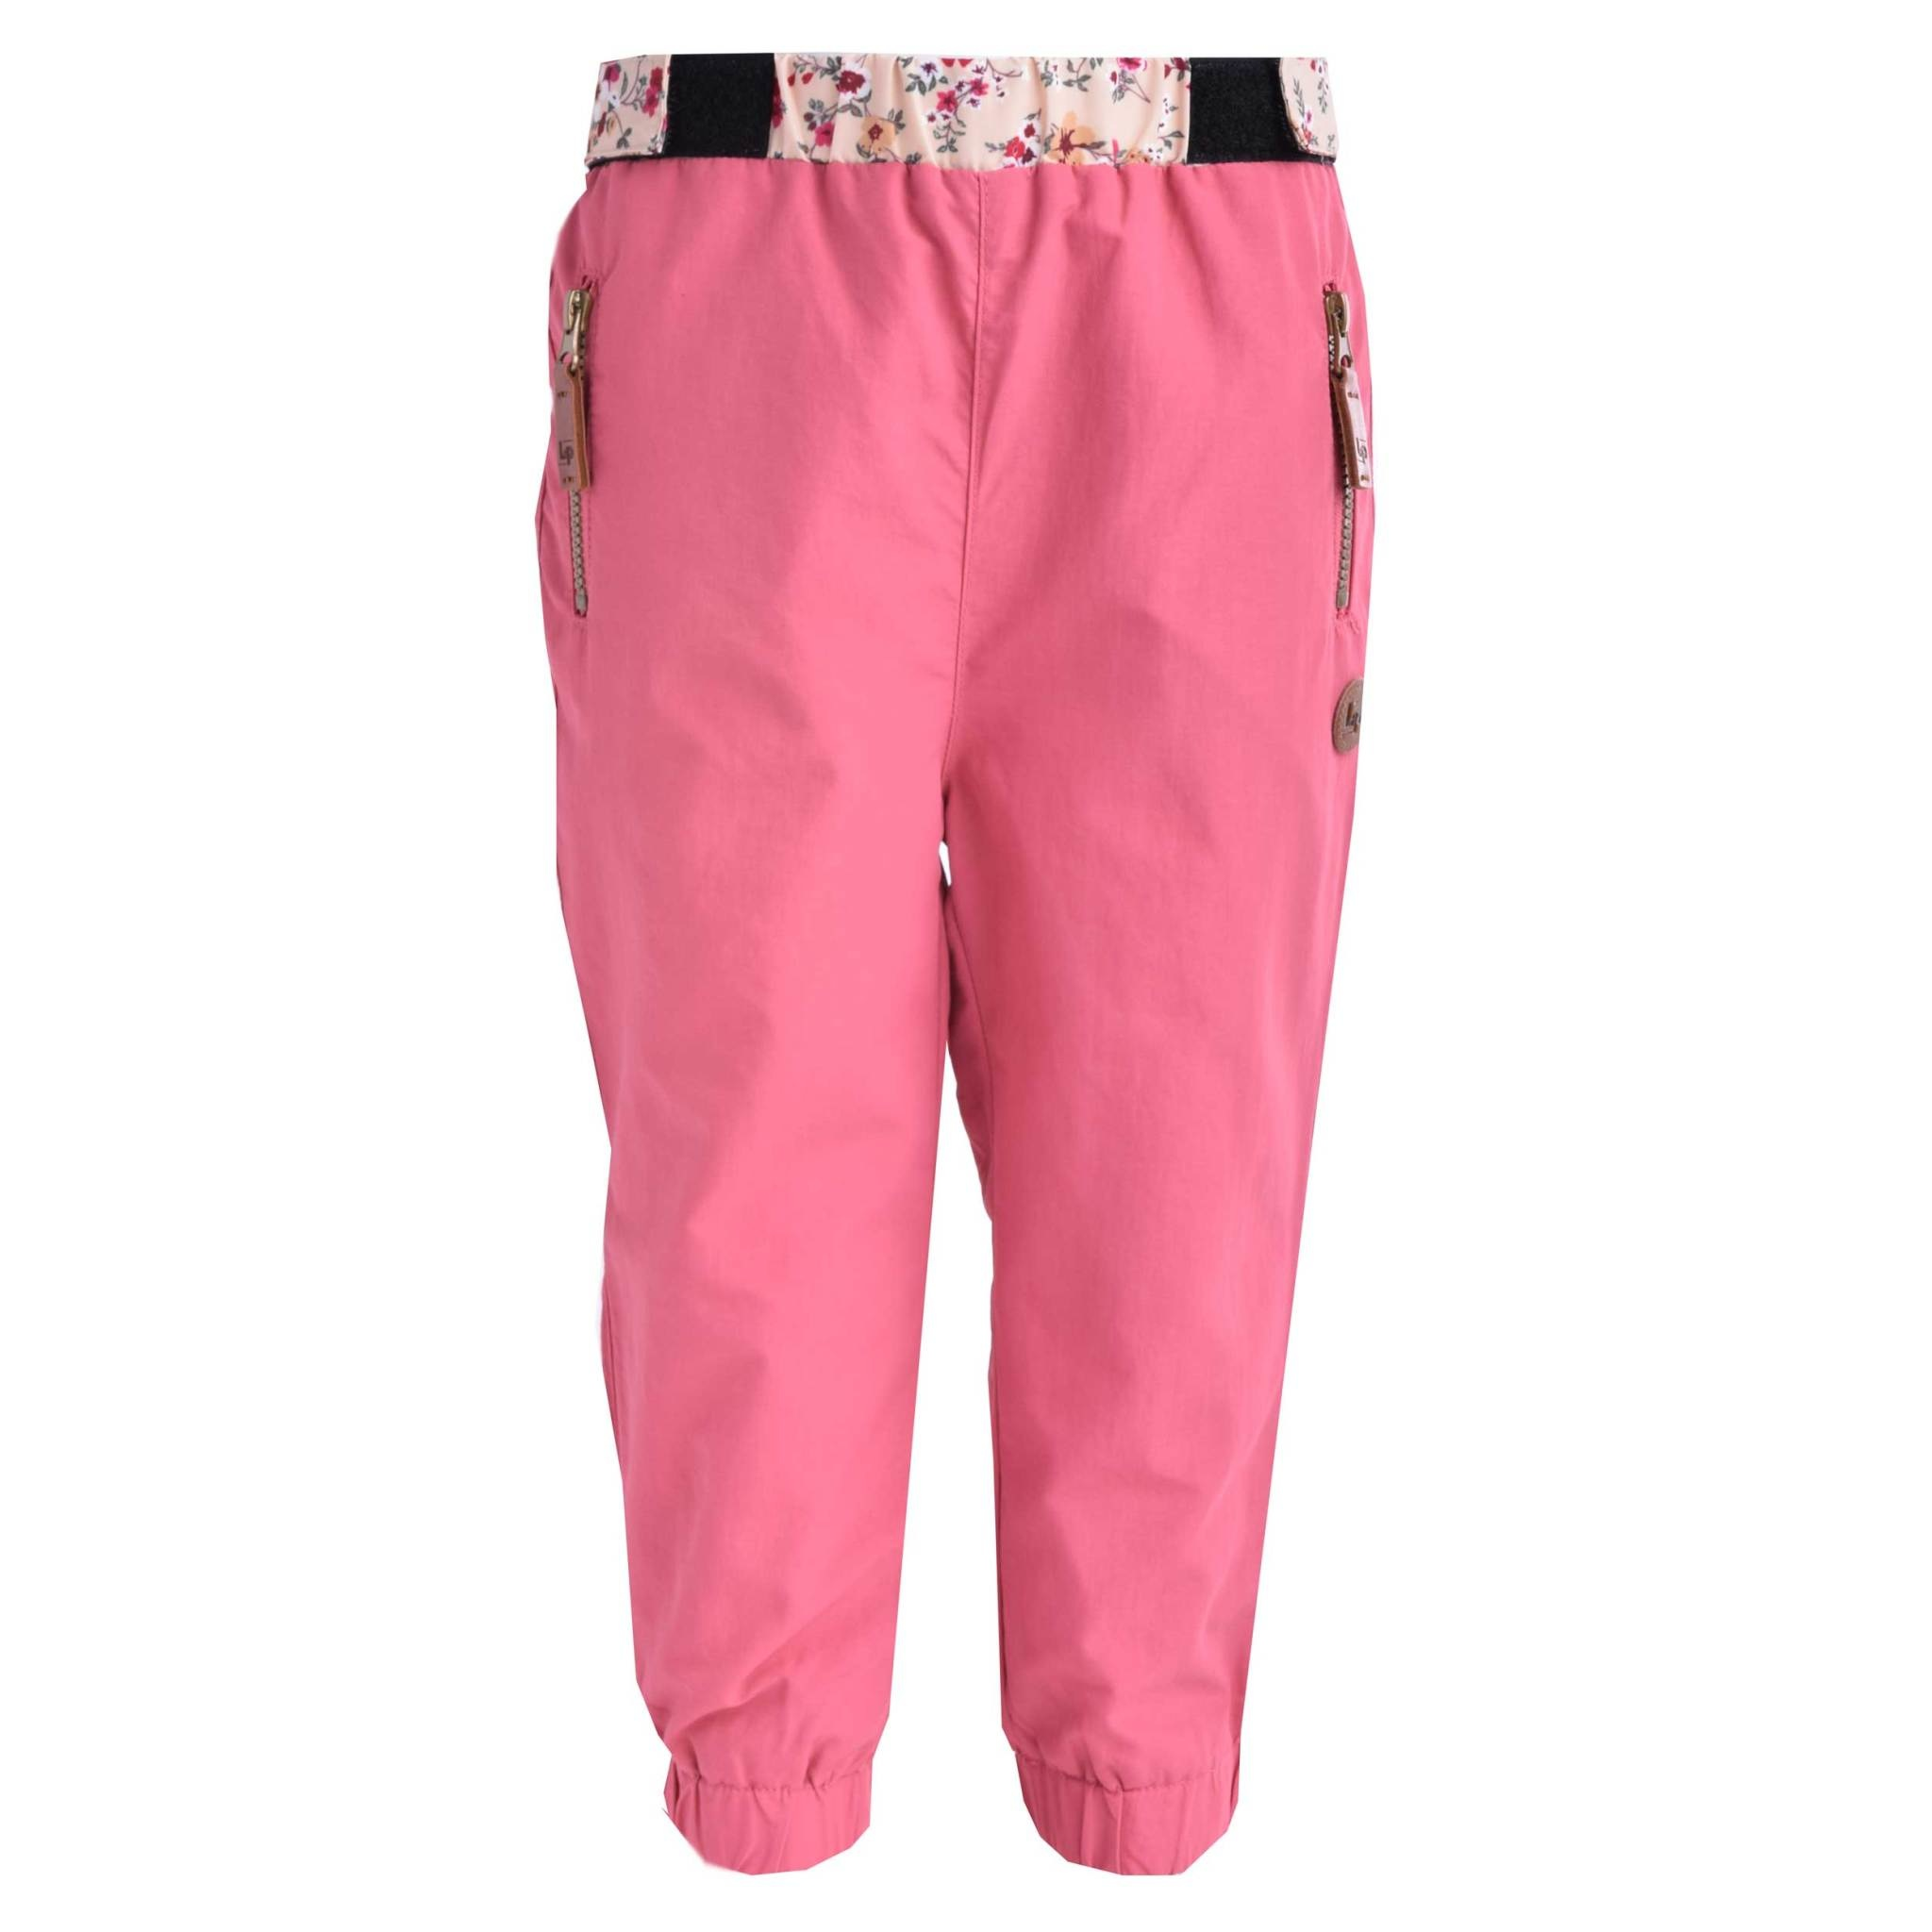 Pantalon ext. doublé en coton-1